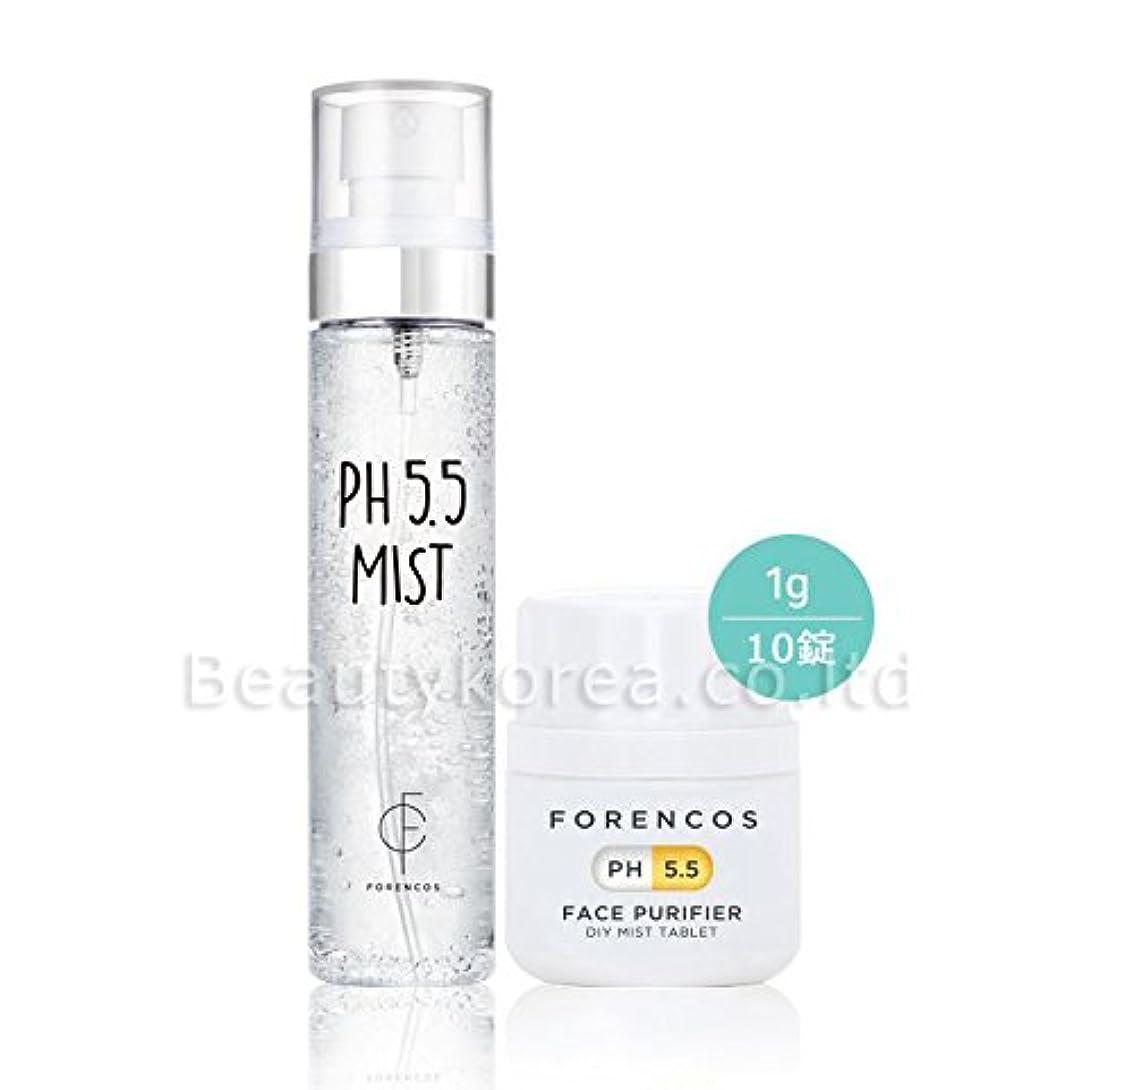 ほぼ微弱[FORENCOS] 花粉?PM2.5対策フォレンコス PH5.5フェイスピュリファイア弱酸性ミスト PH5.5 Purifier Mist [並行輸入品]